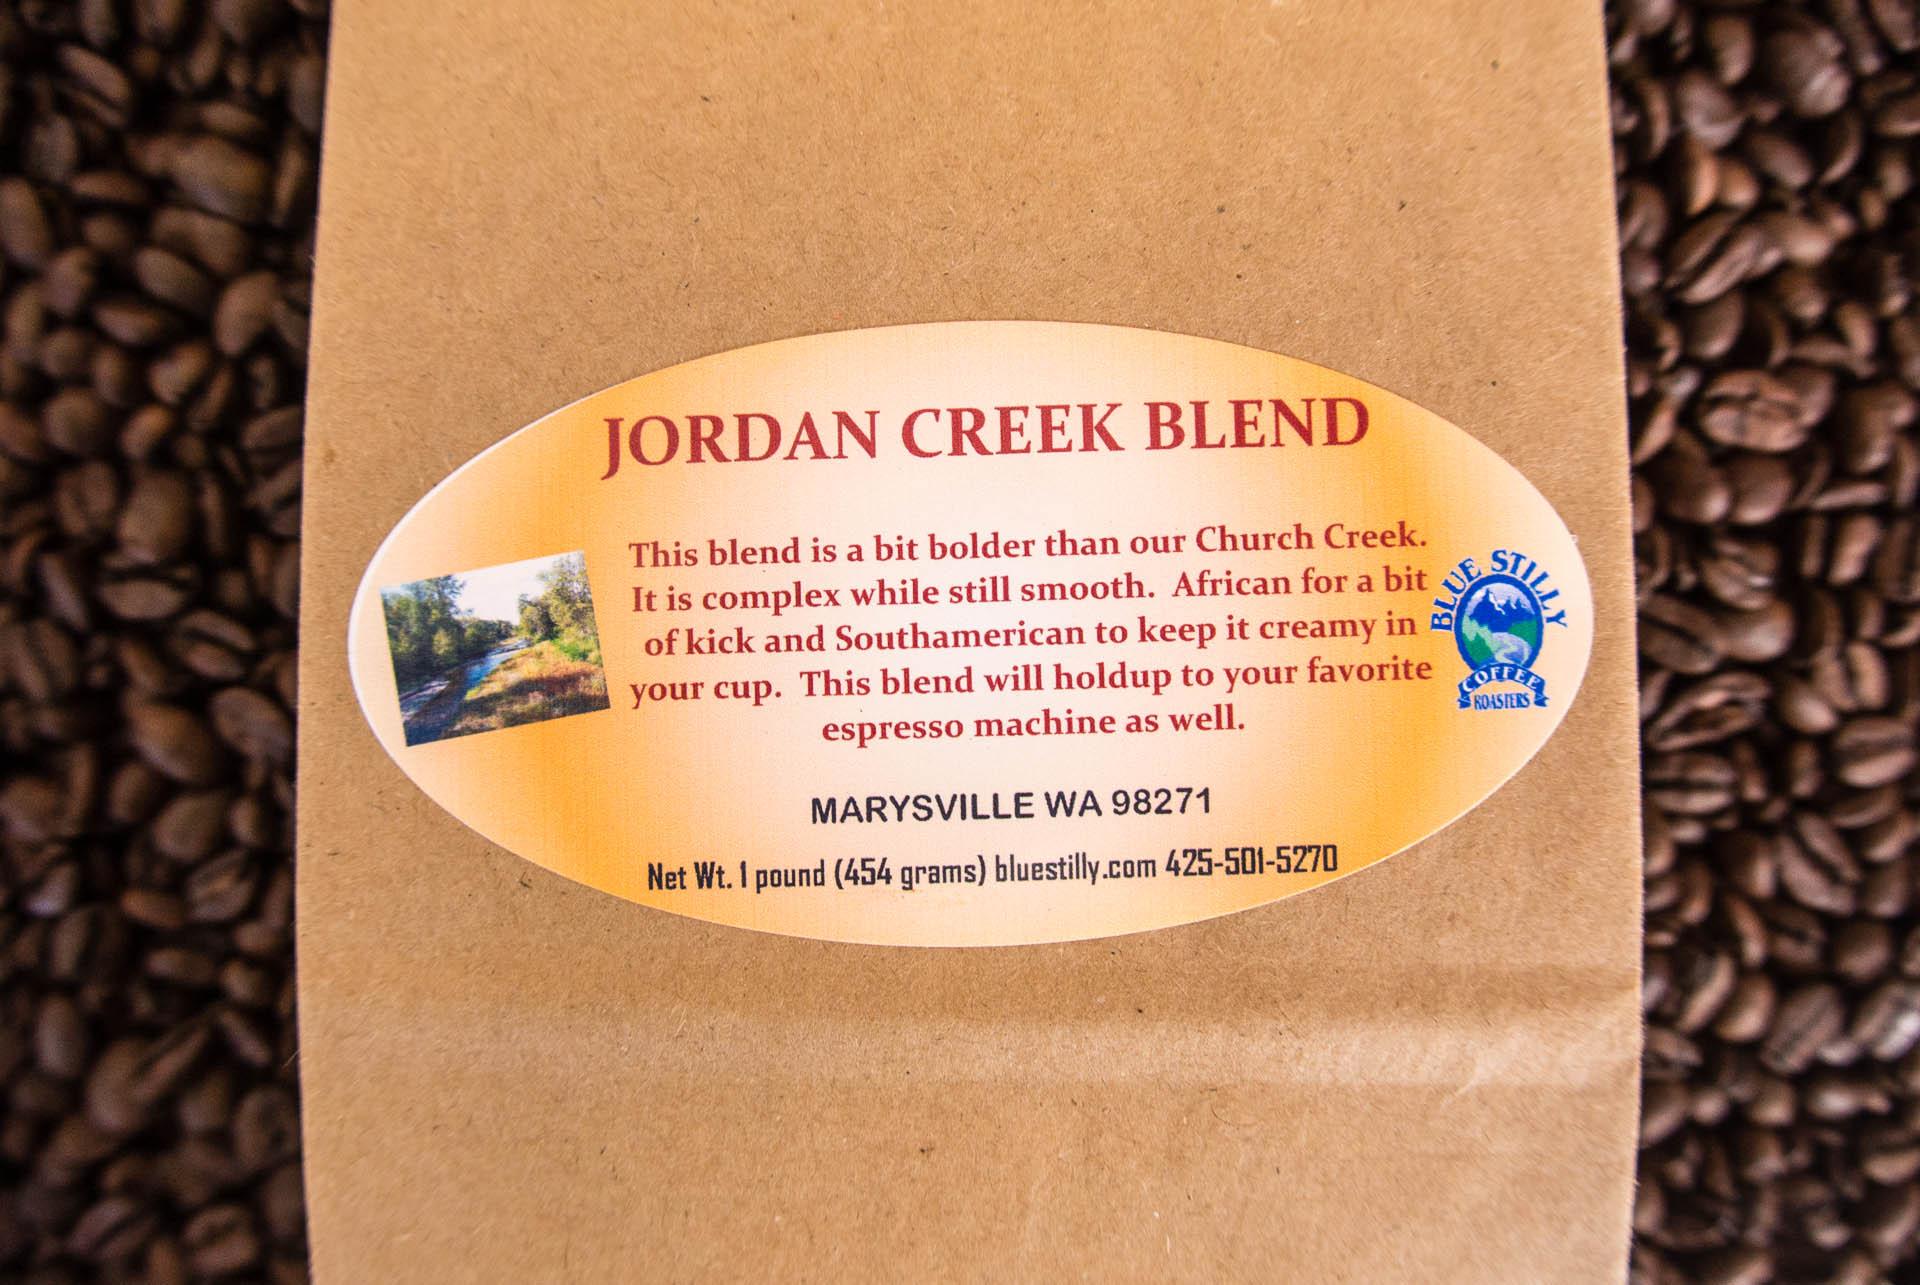 Jordan Creek Blend